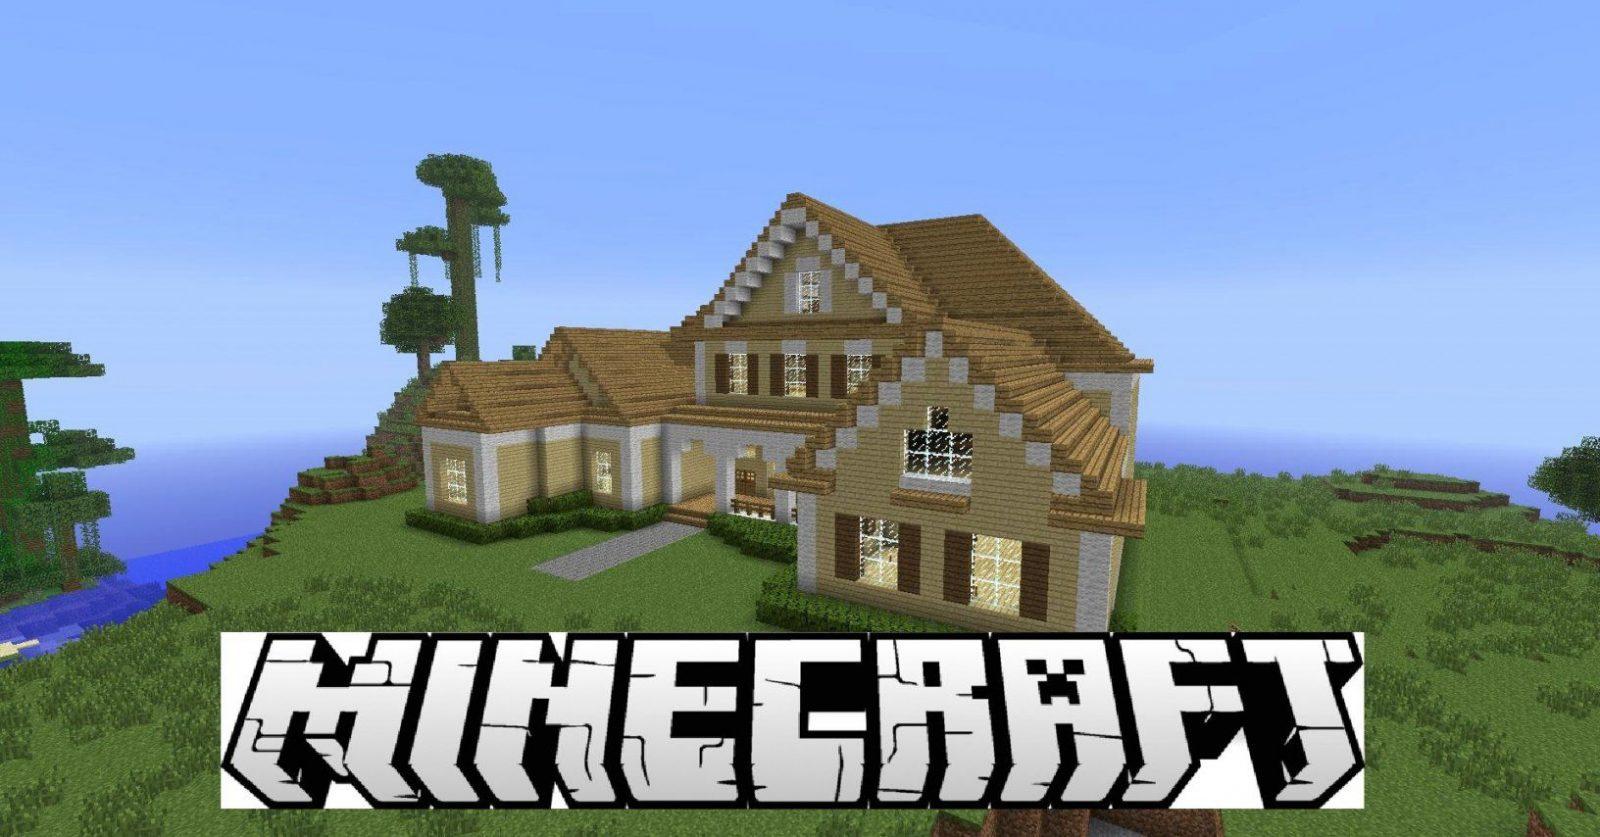 Minecraft Häuser Bauen Leicht Gemacht So Geht S Giga Mit Minecraft von Minecraft Baupläne Zum Nachbauen Bild